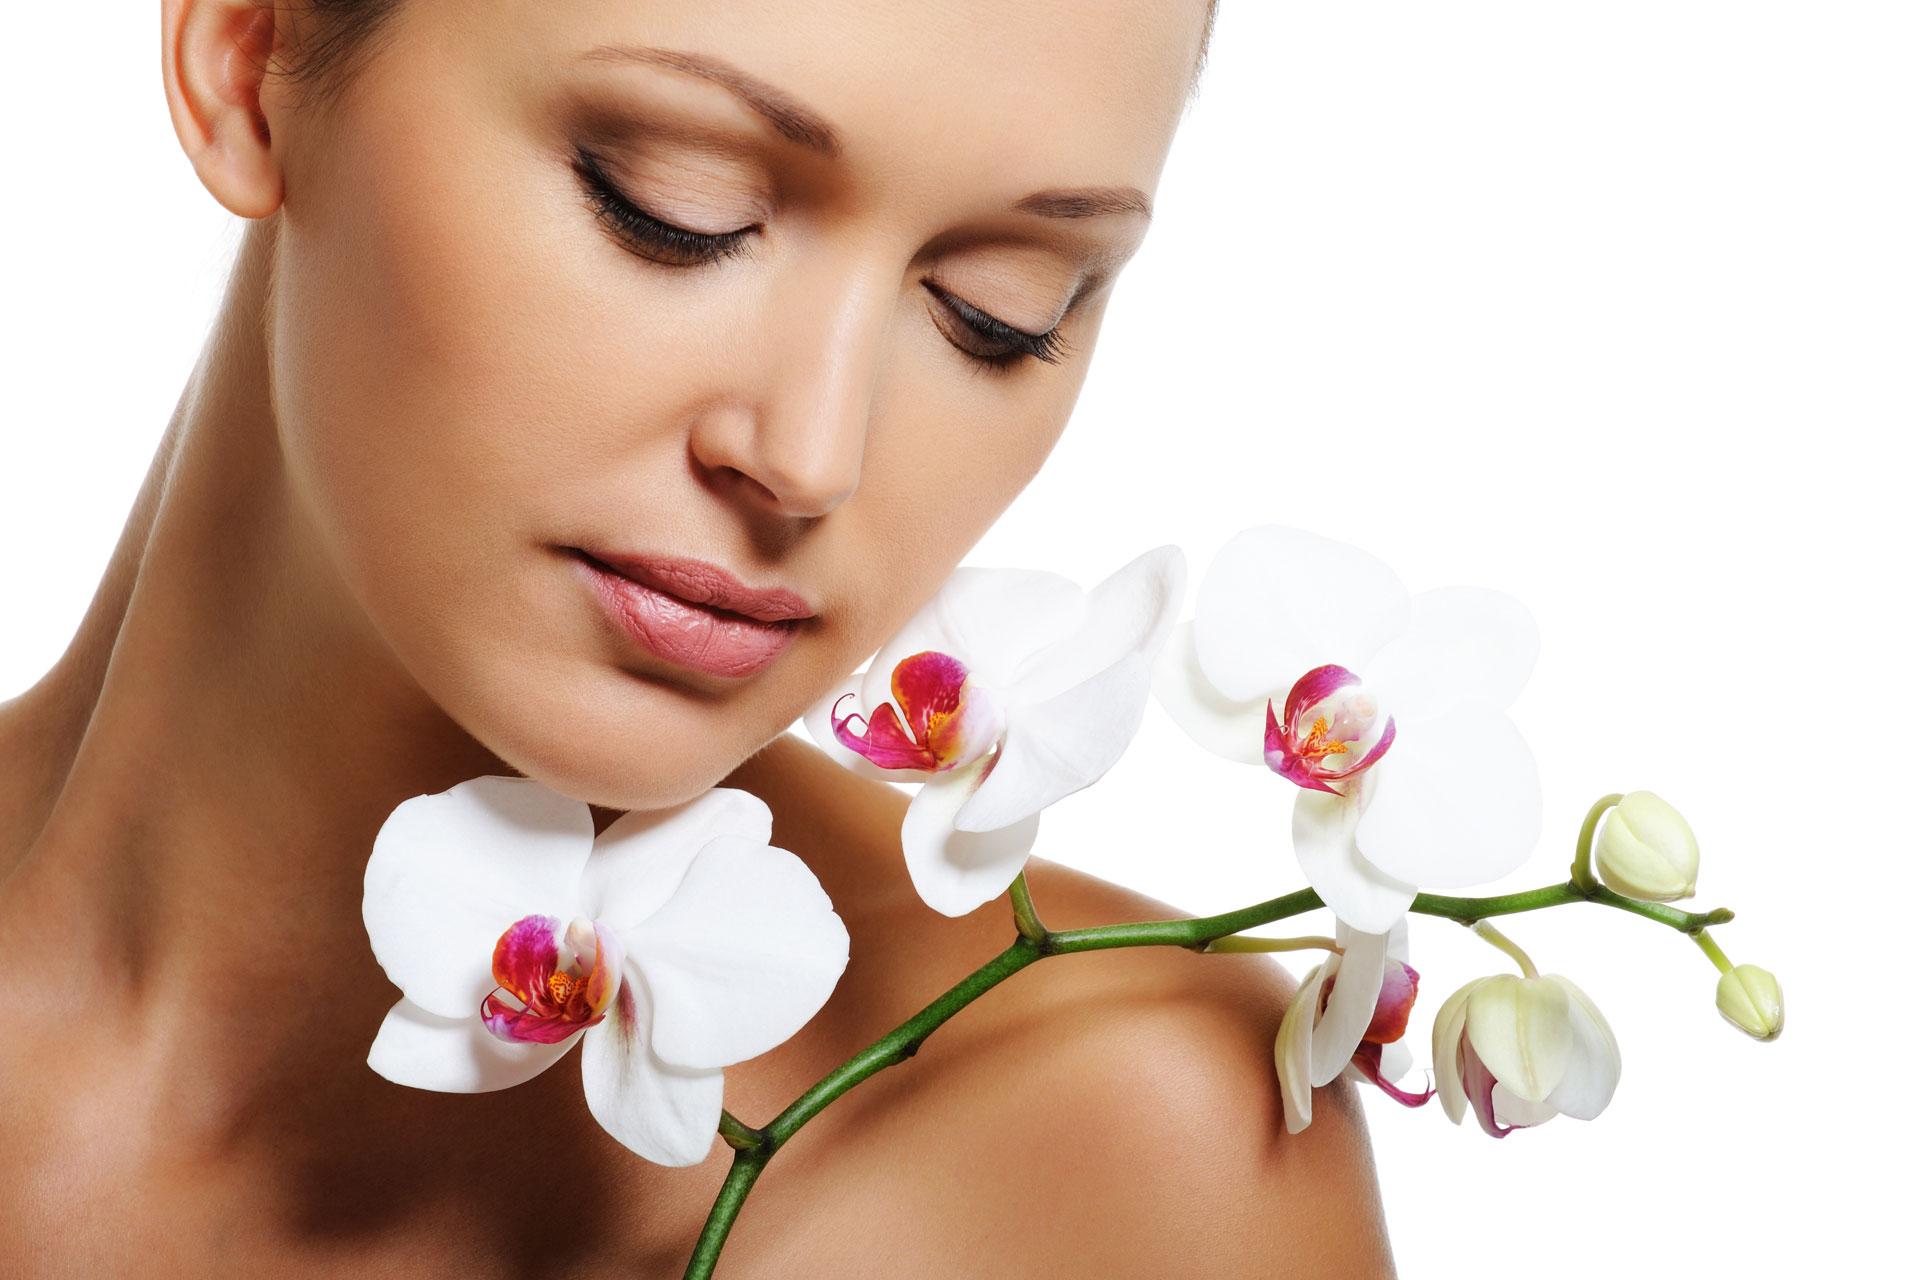 Лучшие косметические препараты для вашей красоты